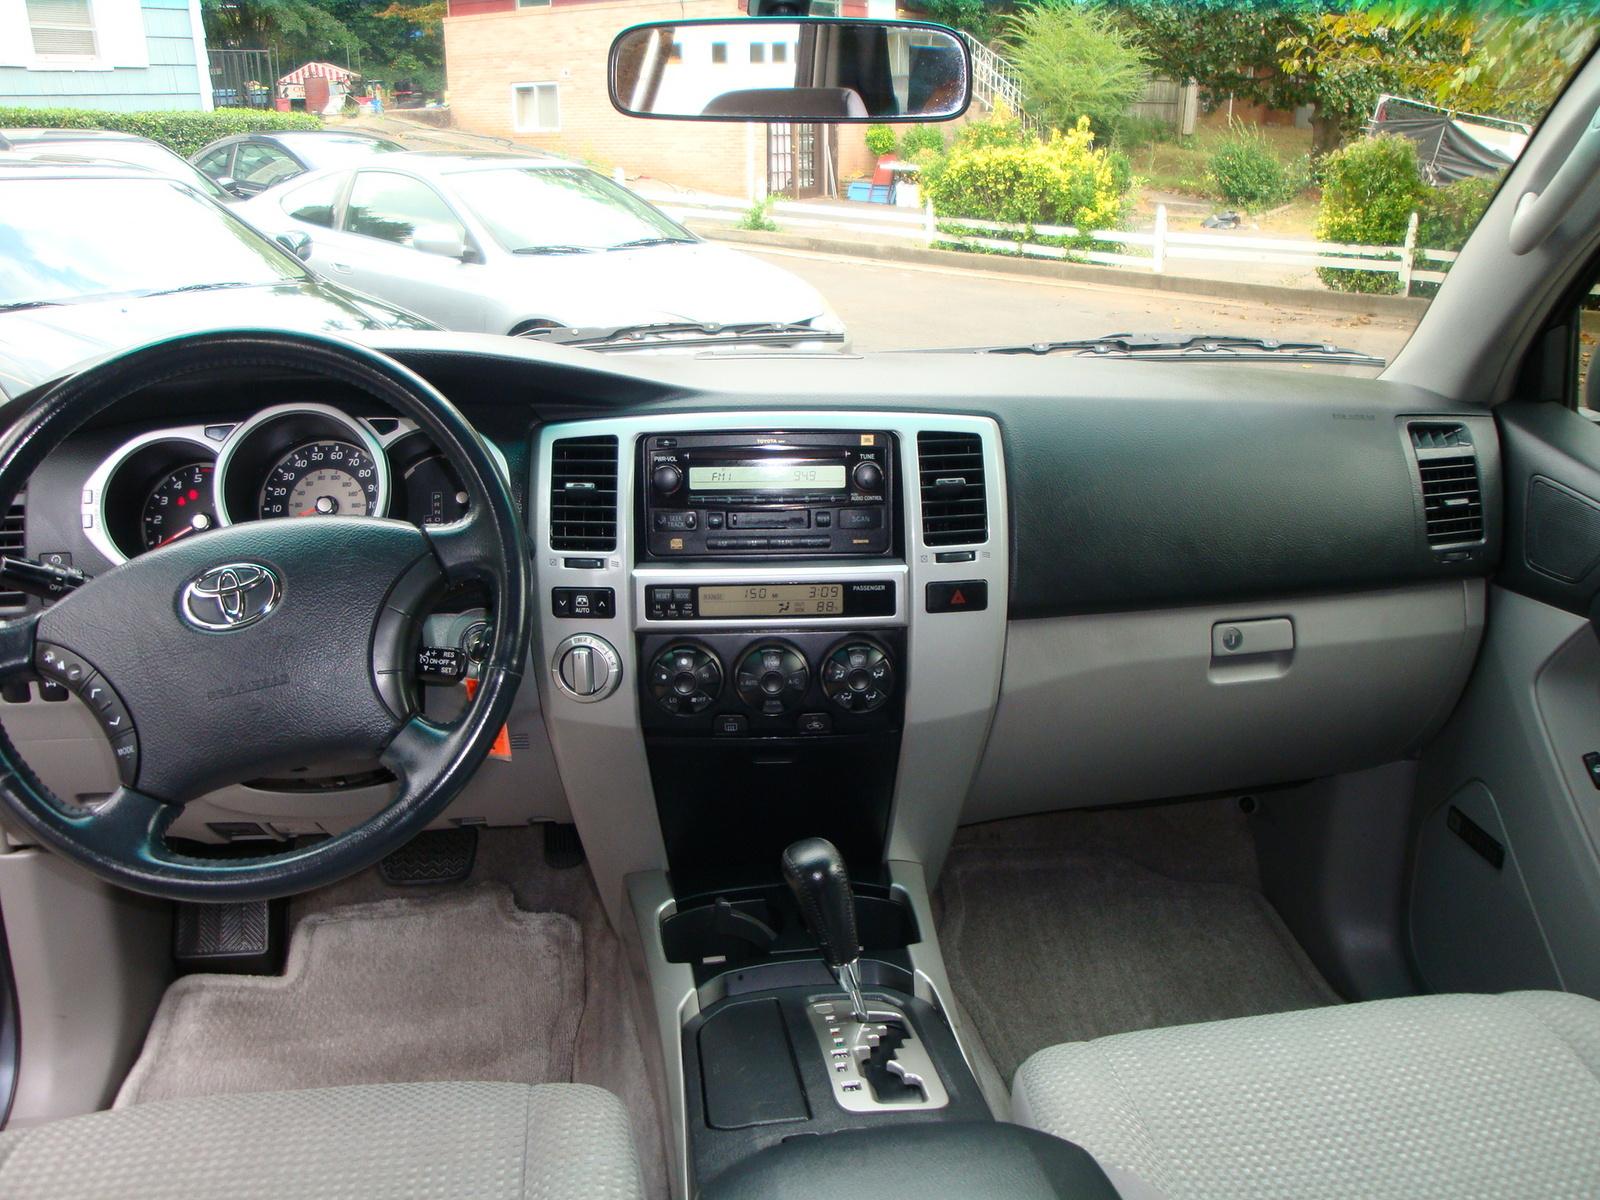 2004 Toyota 4runner Pictures Cargurus